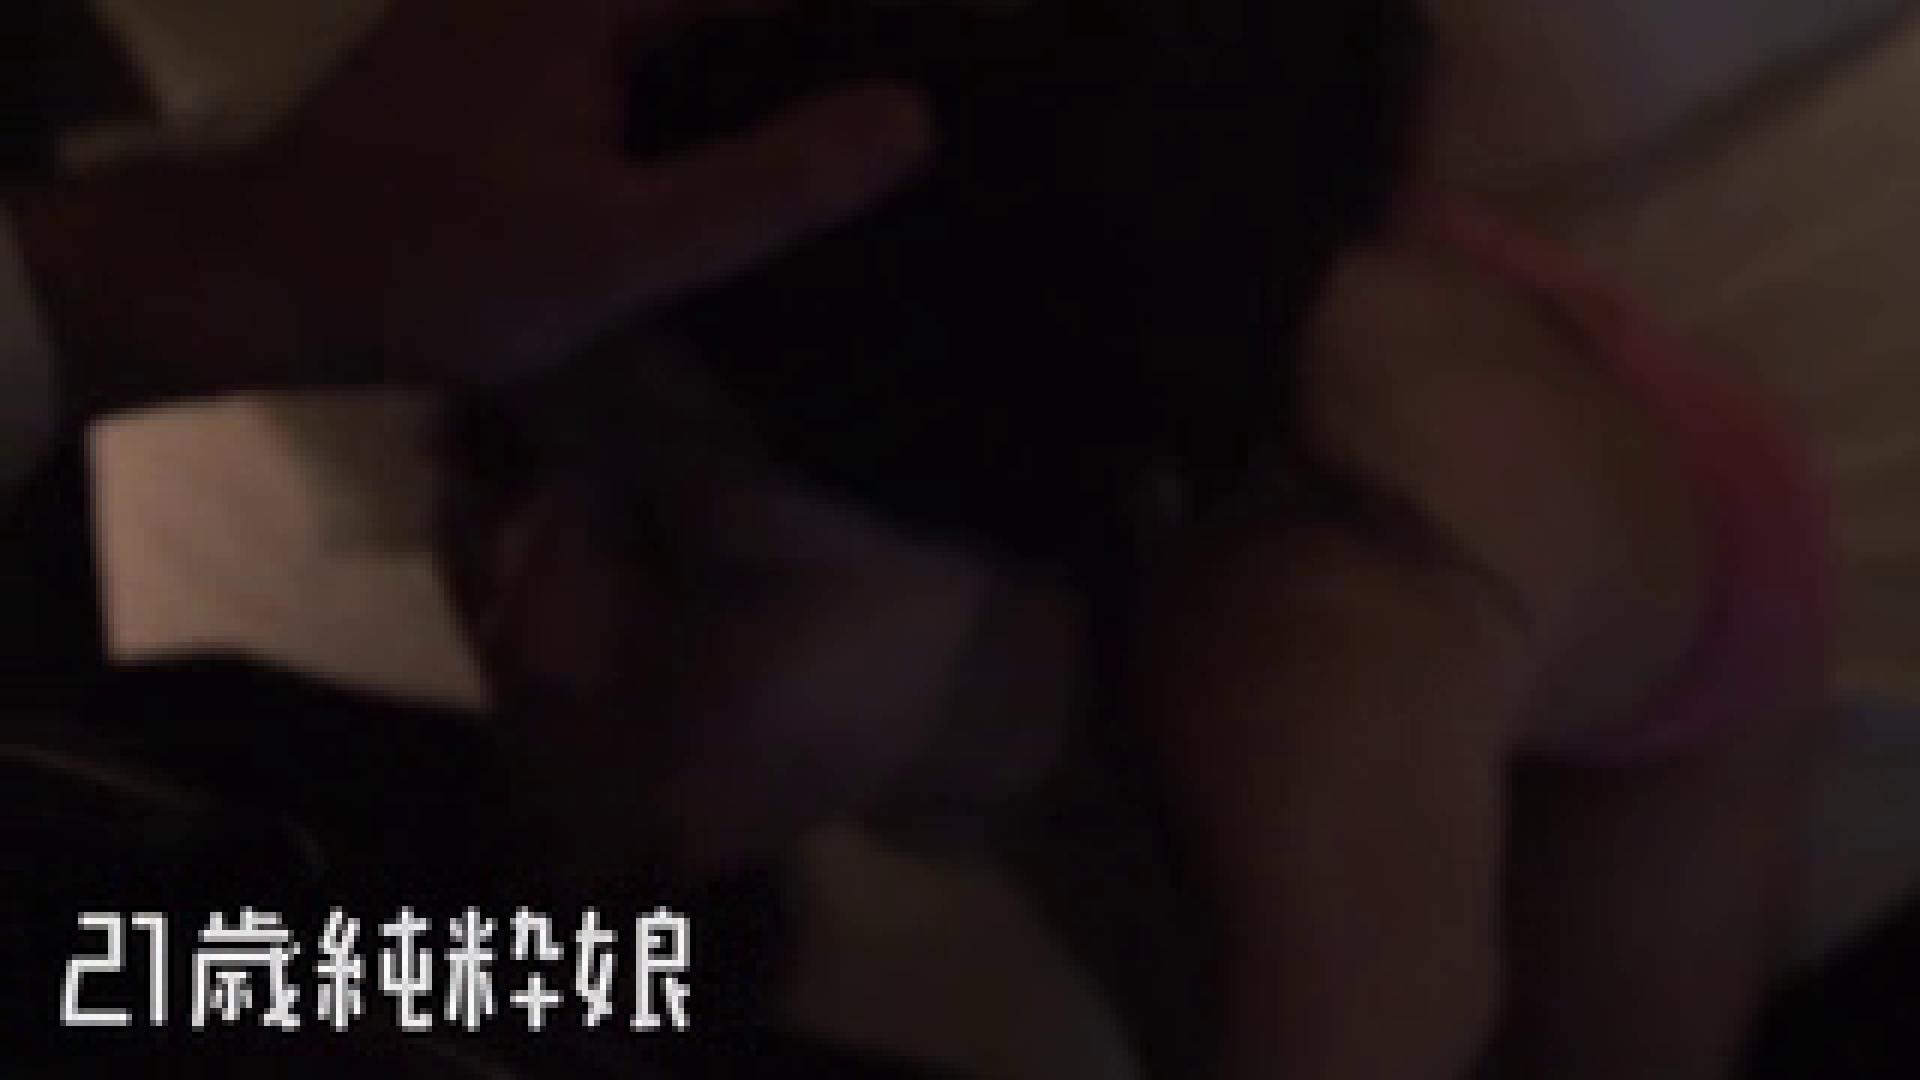 上京したばかりのGカップ21歳純粋嬢を都合の良い女にしてみた4 ホテル | ギャル達のおっぱい  96画像 29